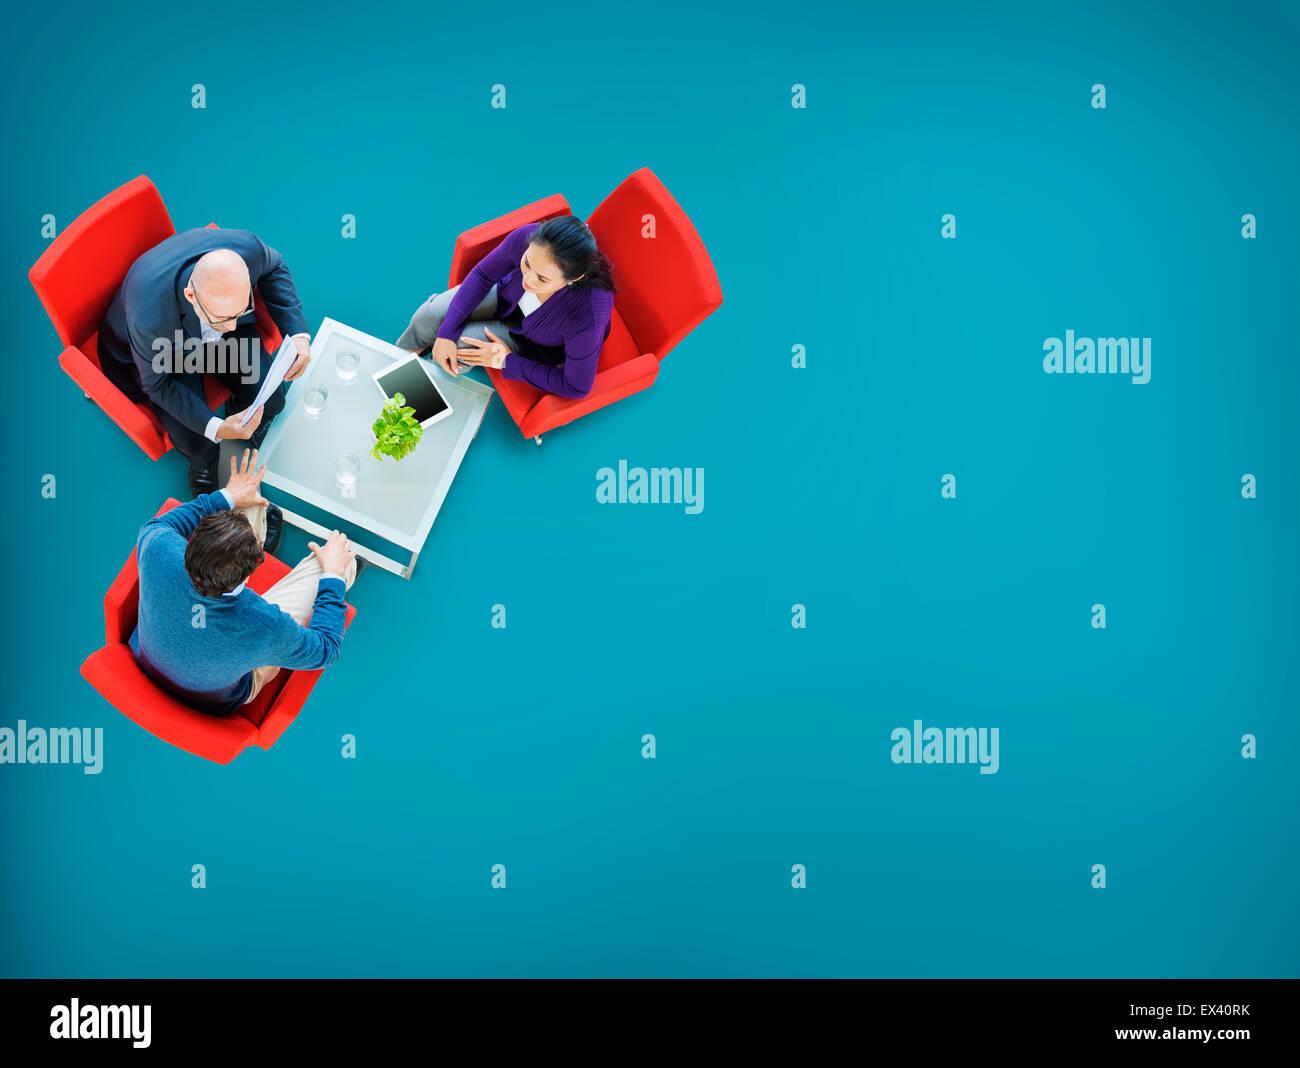 Stratégie de planification de la collaboration d'équipe de réflexion Concept Photo Stock